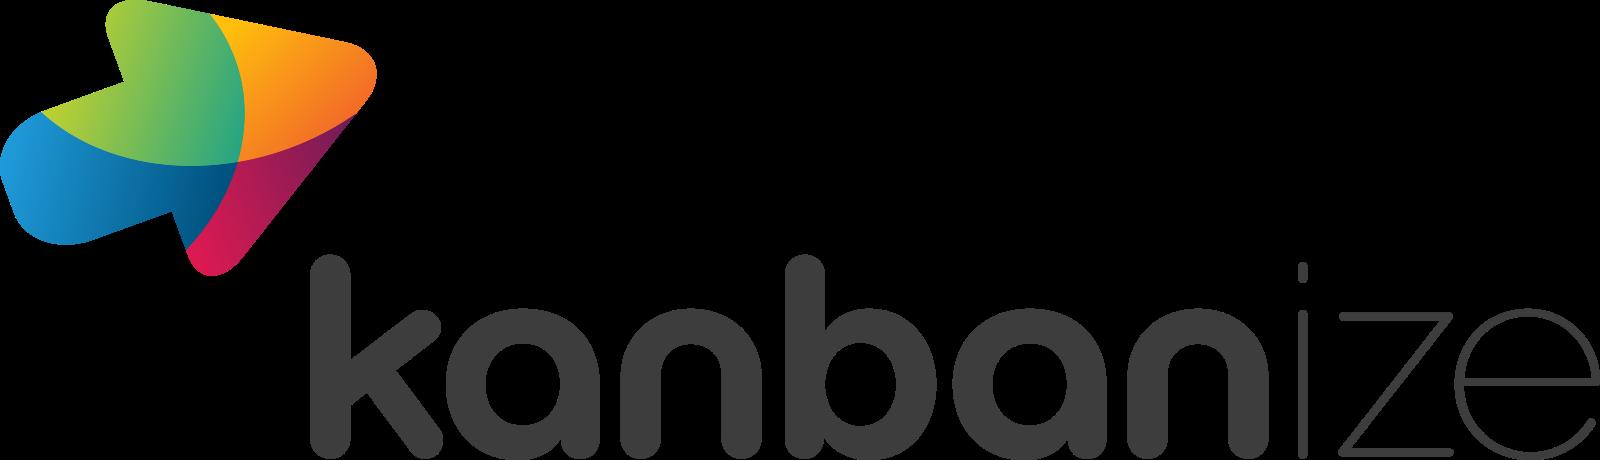 Berriprocess Logo